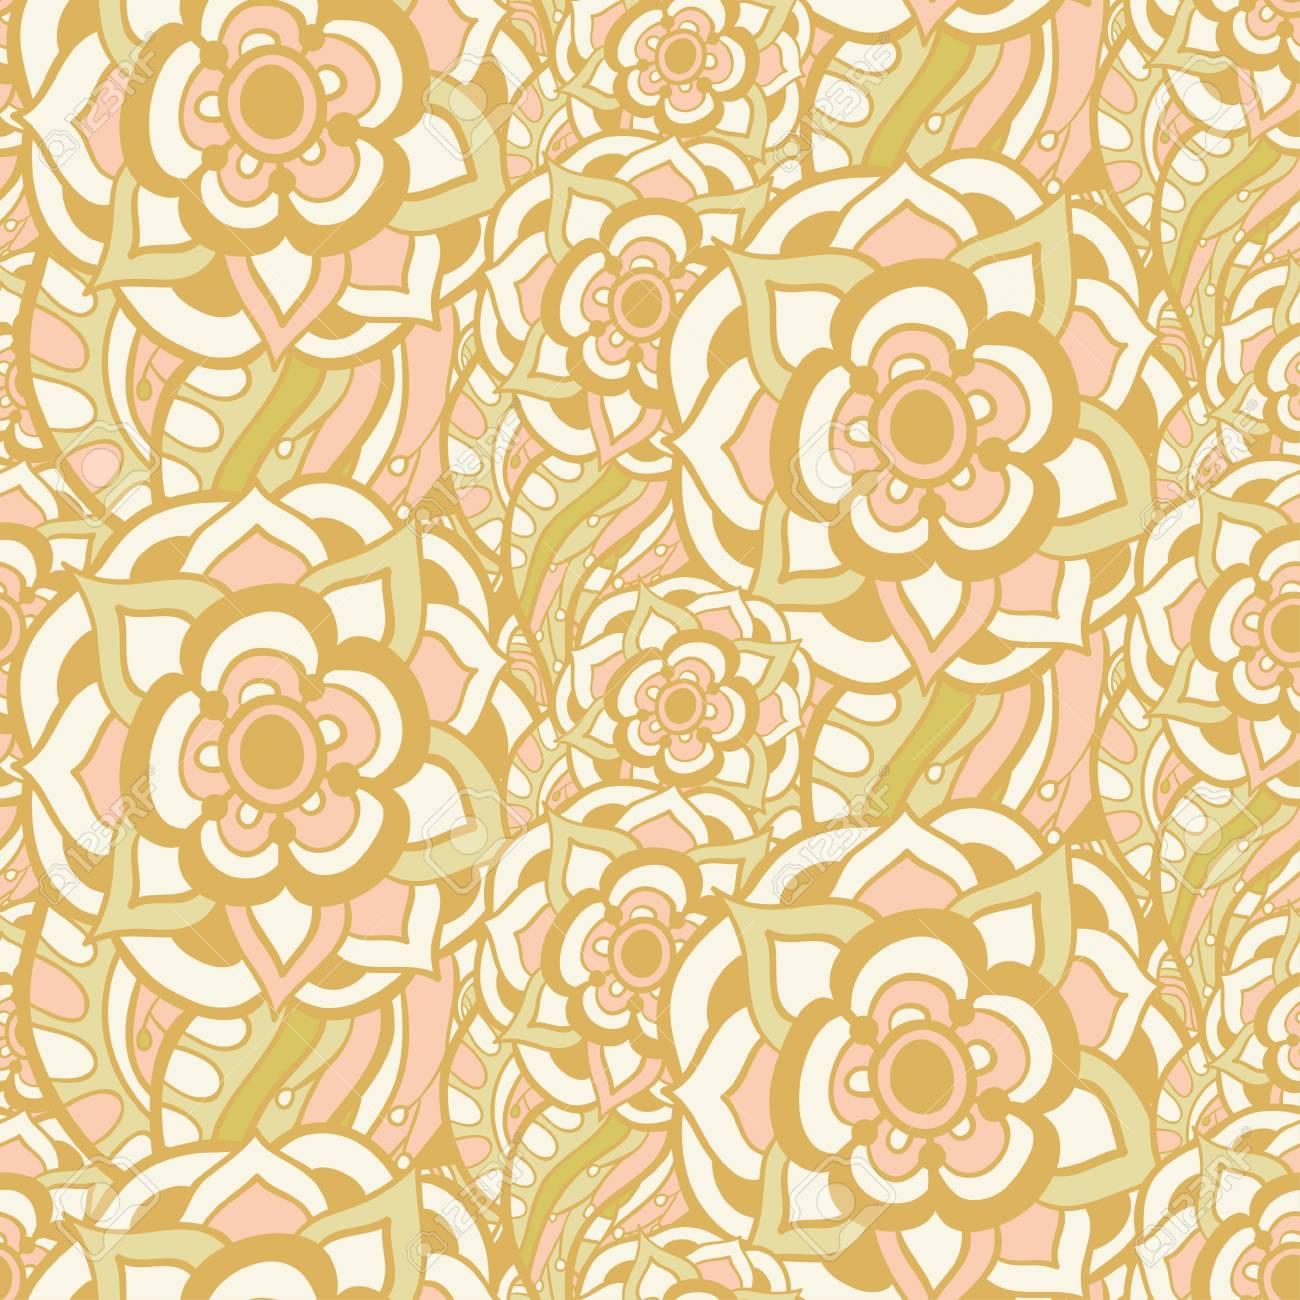 Papier Peint À Motifs en ce qui concerne ornement vintage peut être utilisé pour le papier peint, motifs de